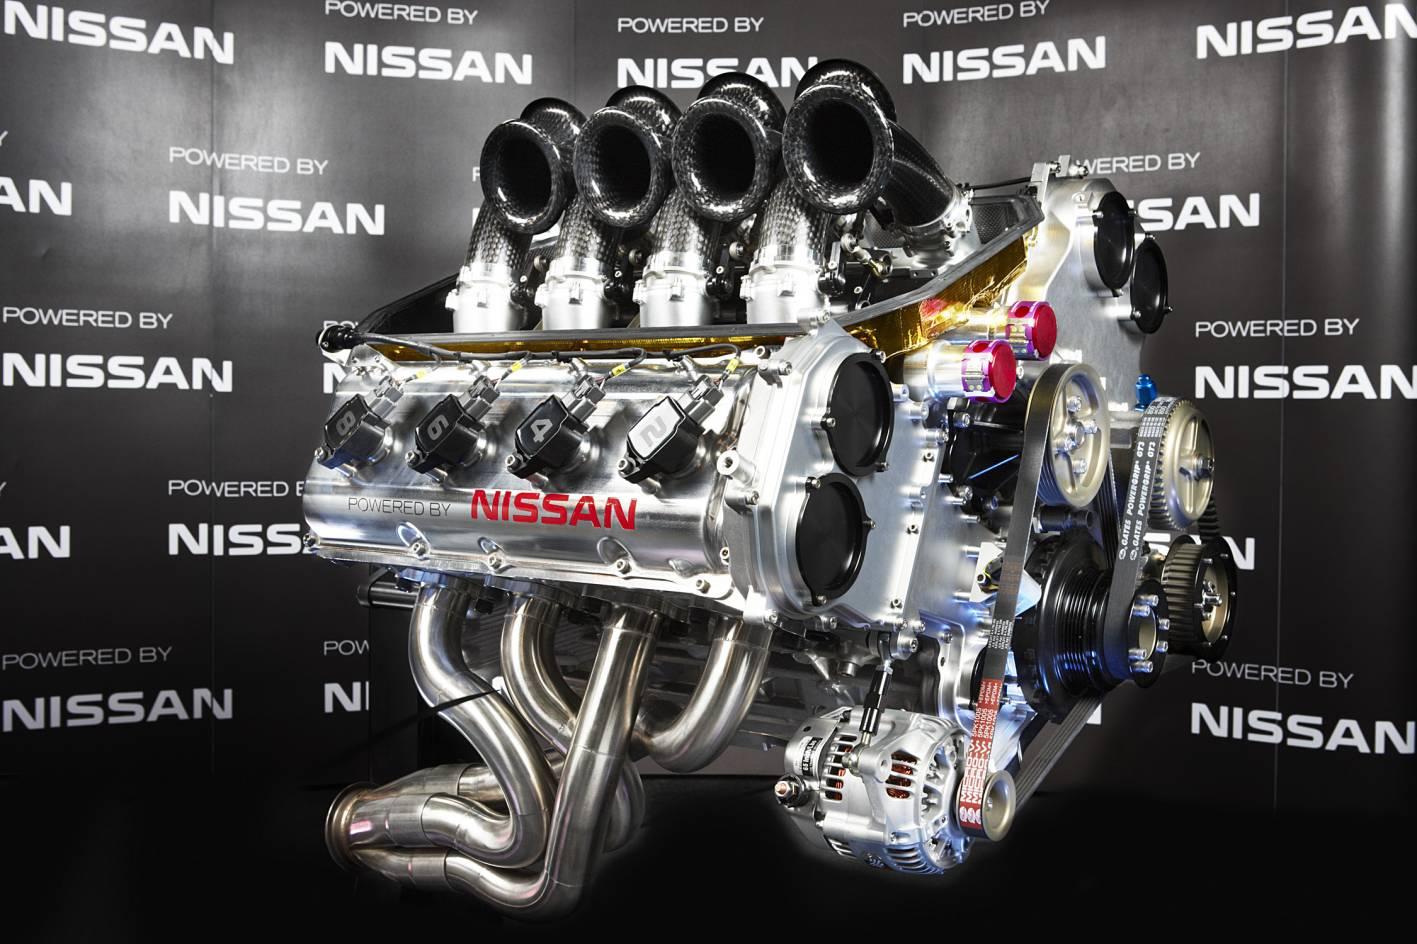 Nissan Motorsport Vk56de V8 Supercar Engine